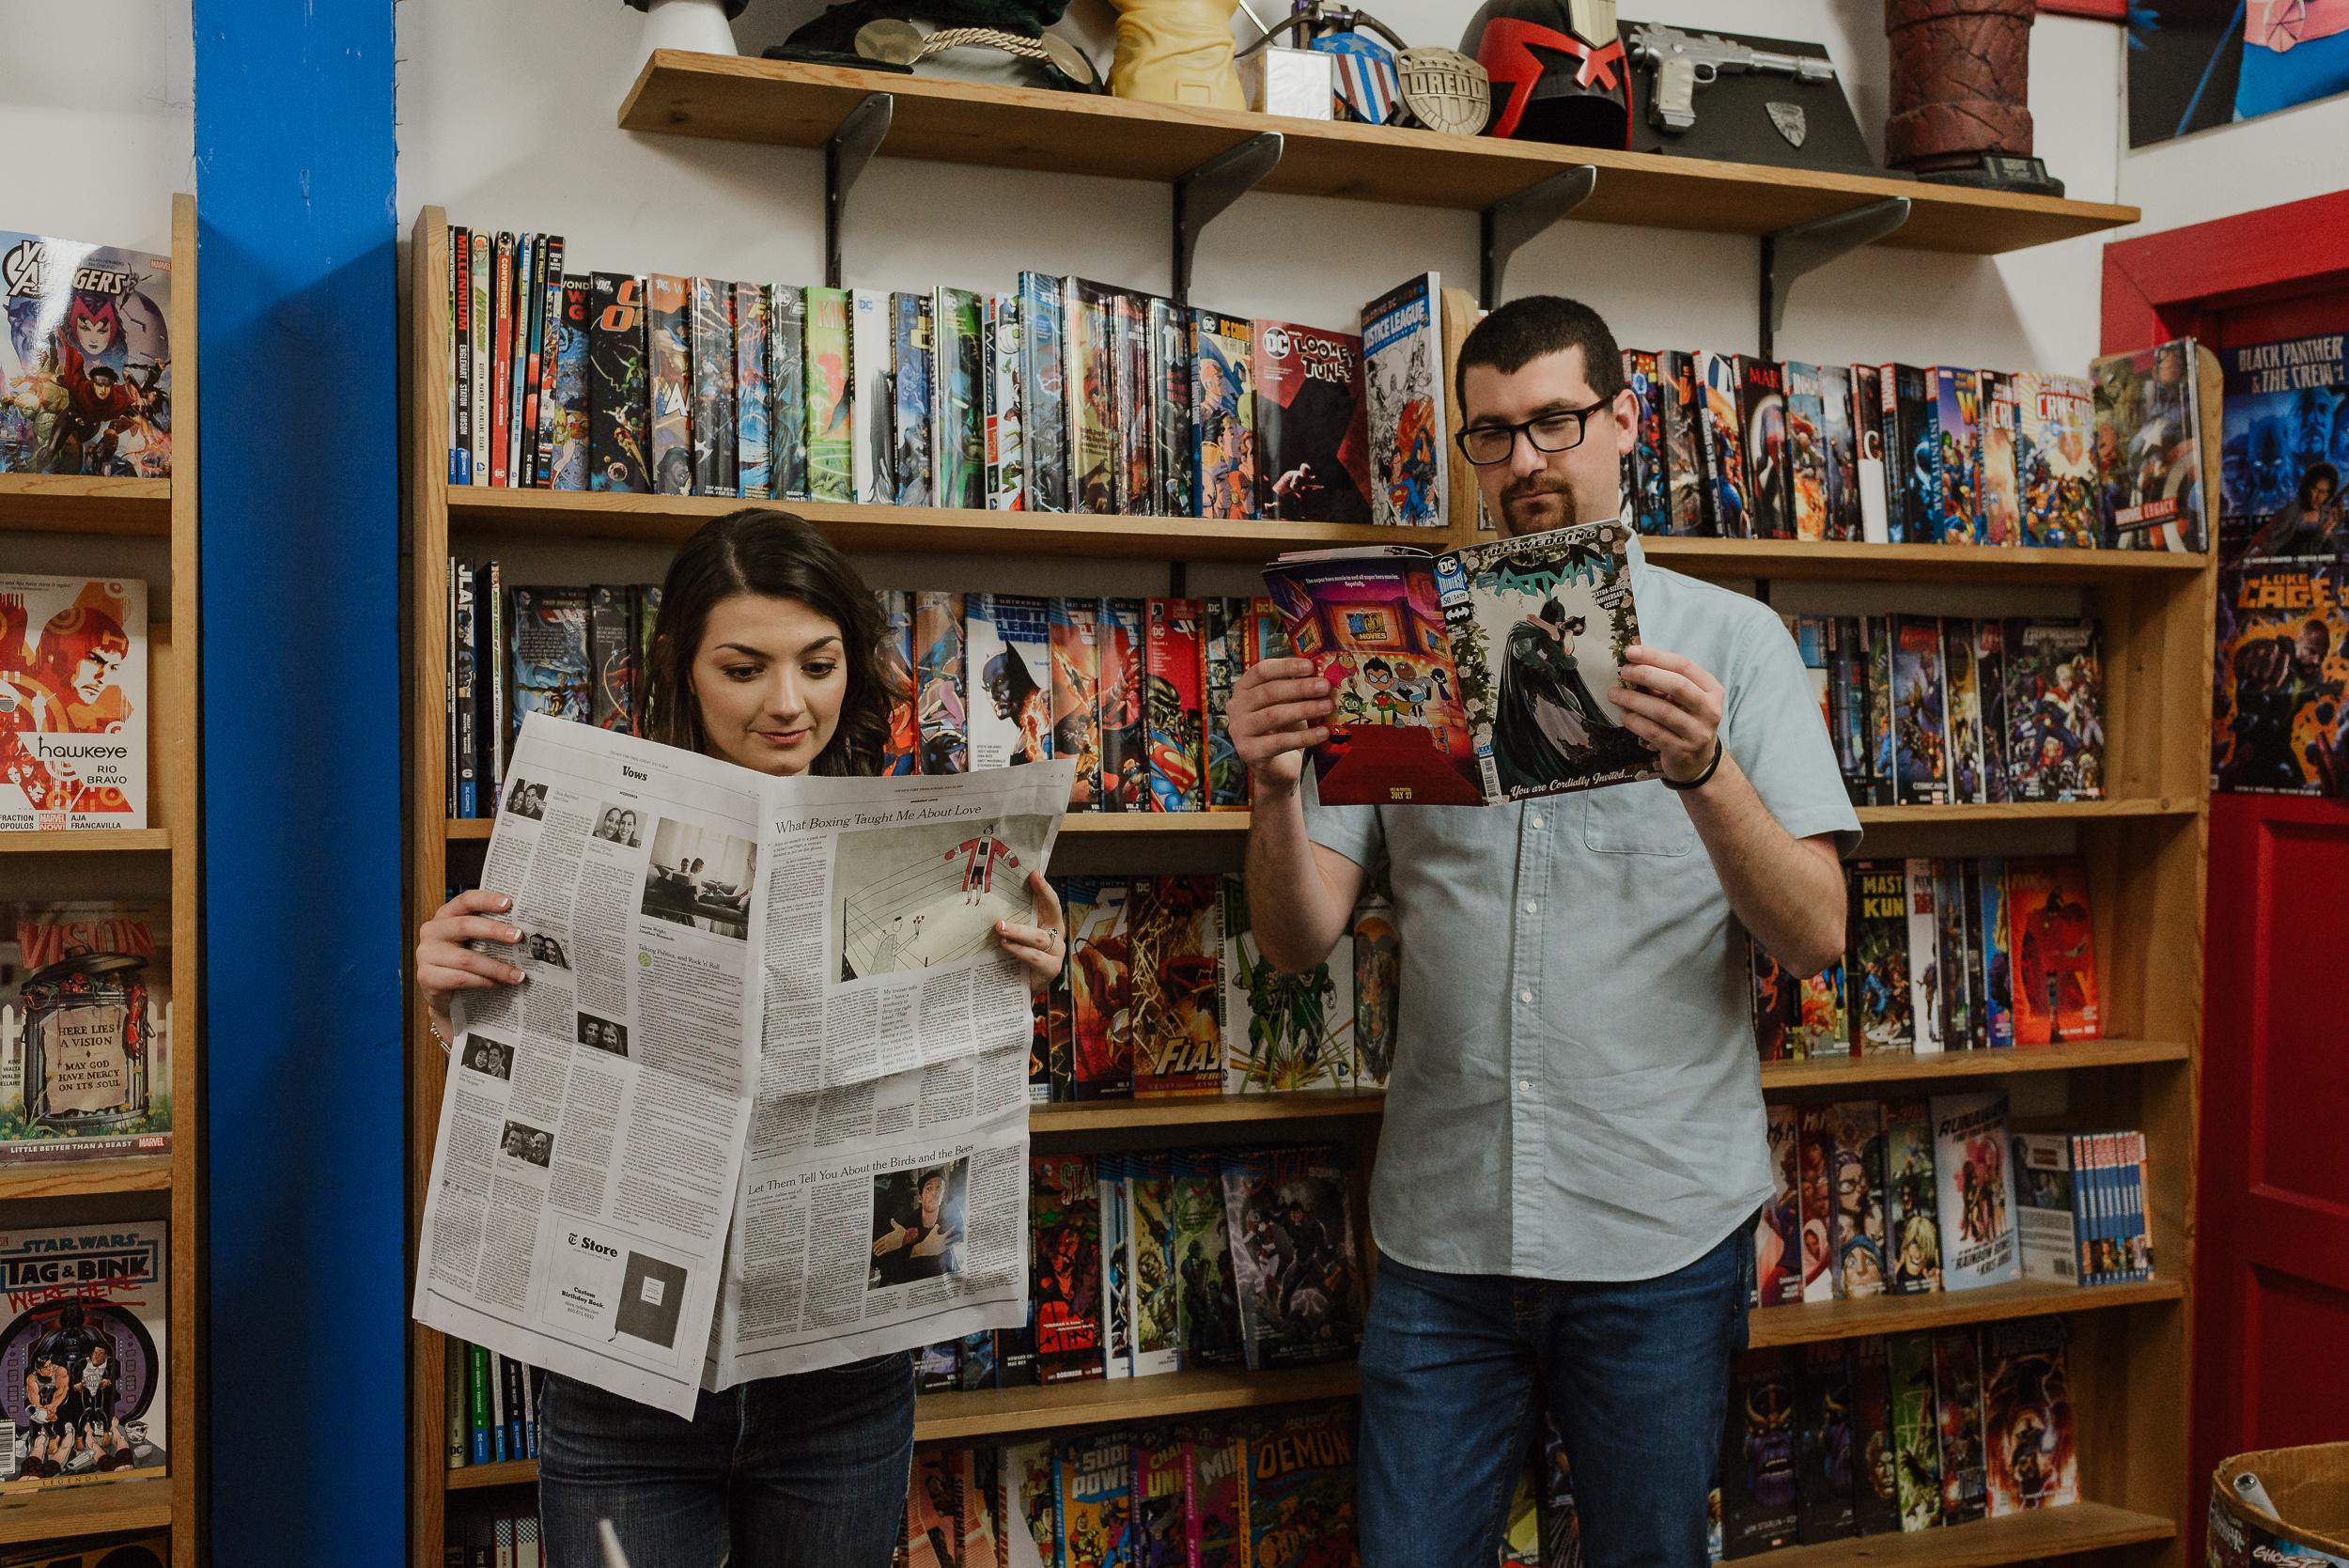 san-francisco-comic-book-engagement-session-photographer-vivianchen-005.jpg